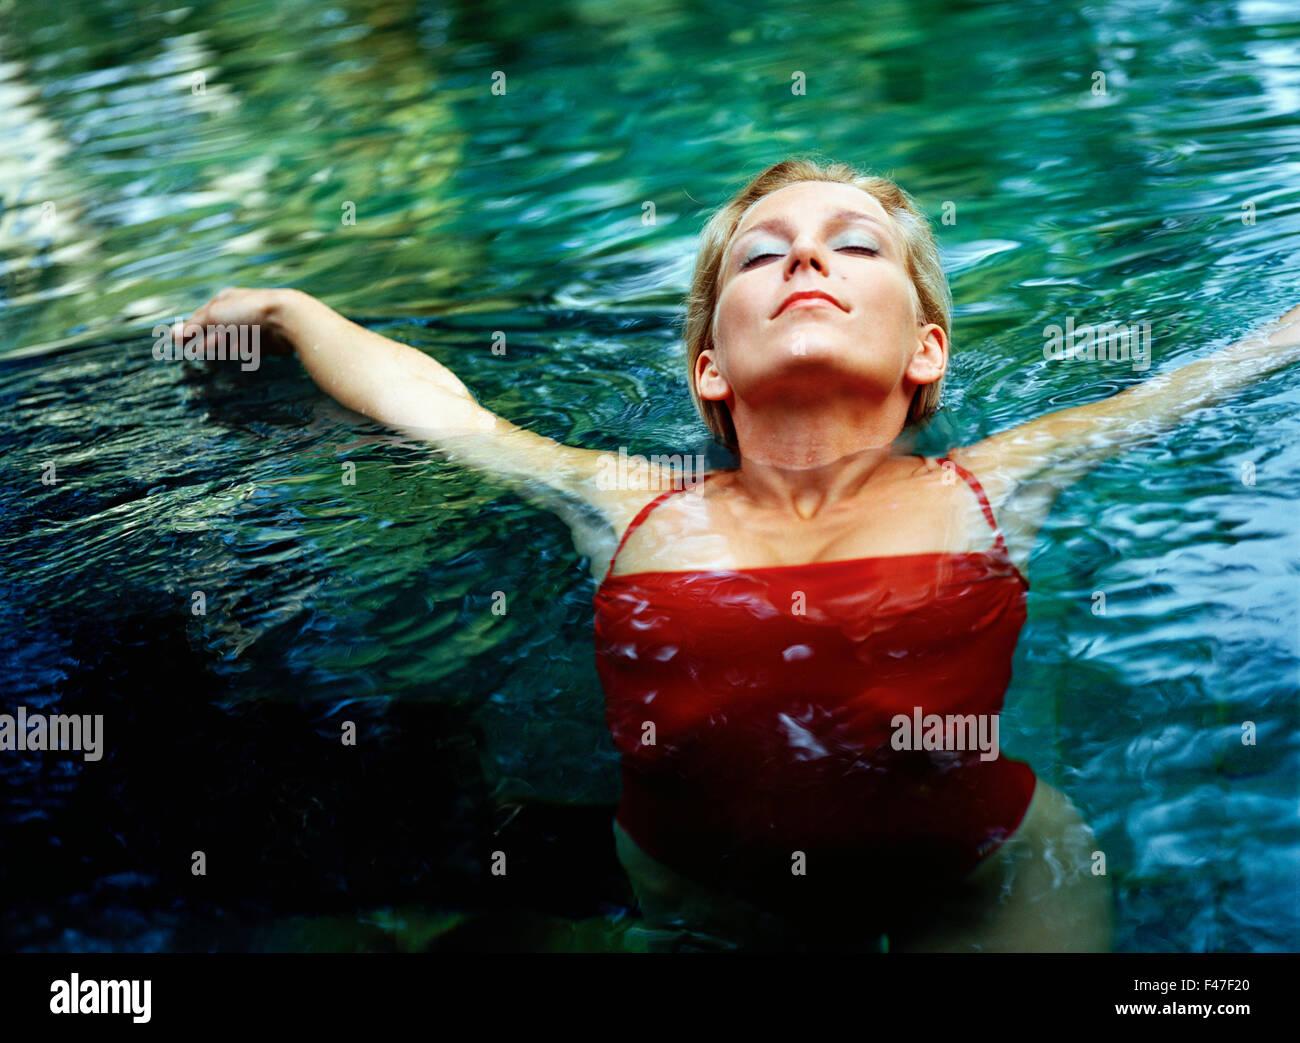 Eine skandinavische Frau im Wasser. Stockbild